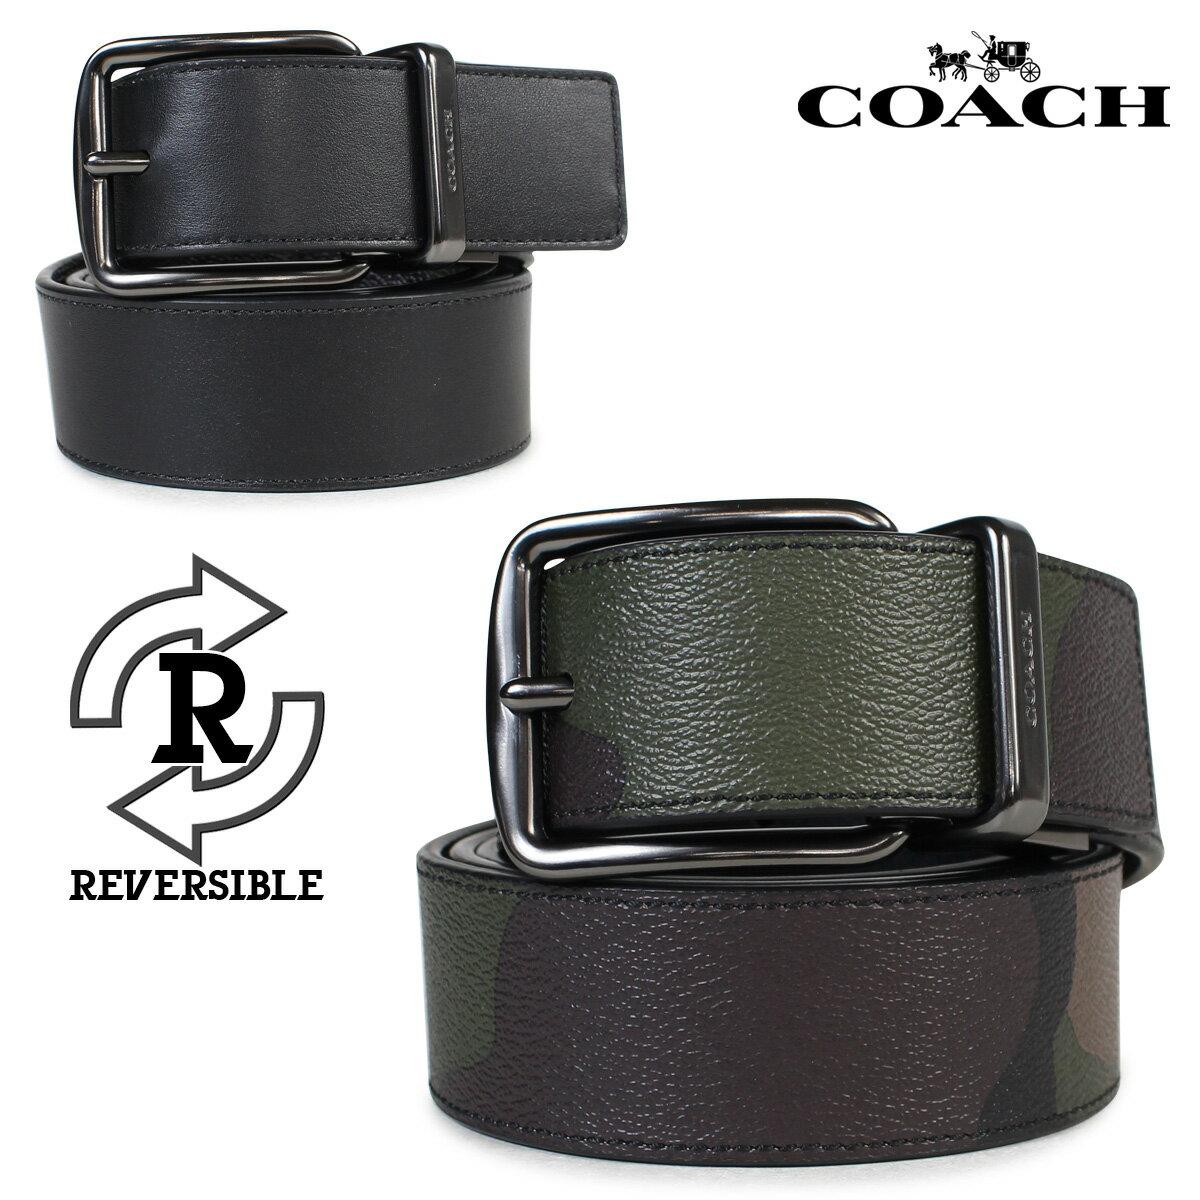 COACH コーチ メンズ ベルト レザーベルト リバーシブル 革 F56160 EC0 ブラック カモ [179] 【決算セール】